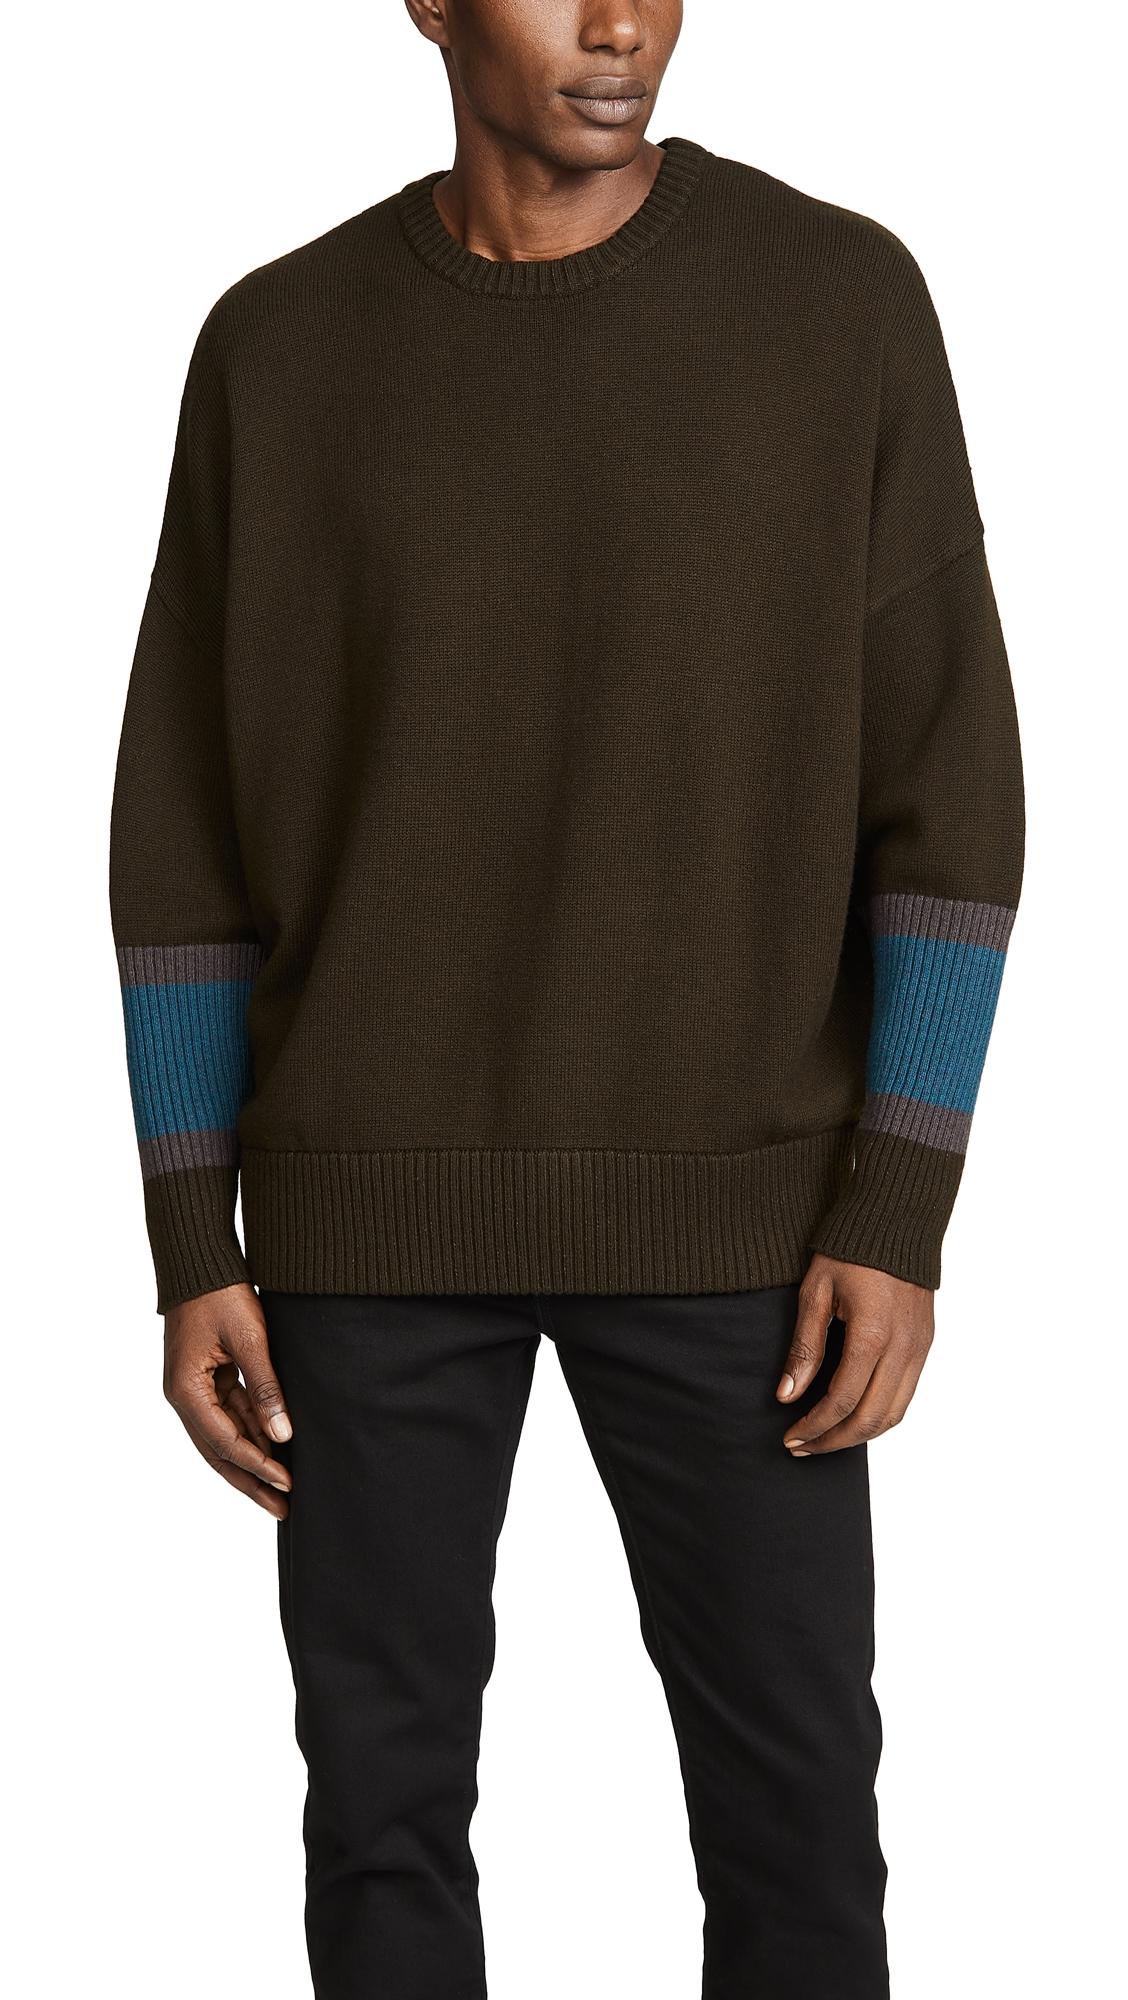 GUSTAV VON ASCHENBACH Knit Crewneck Sweater in Dark Green